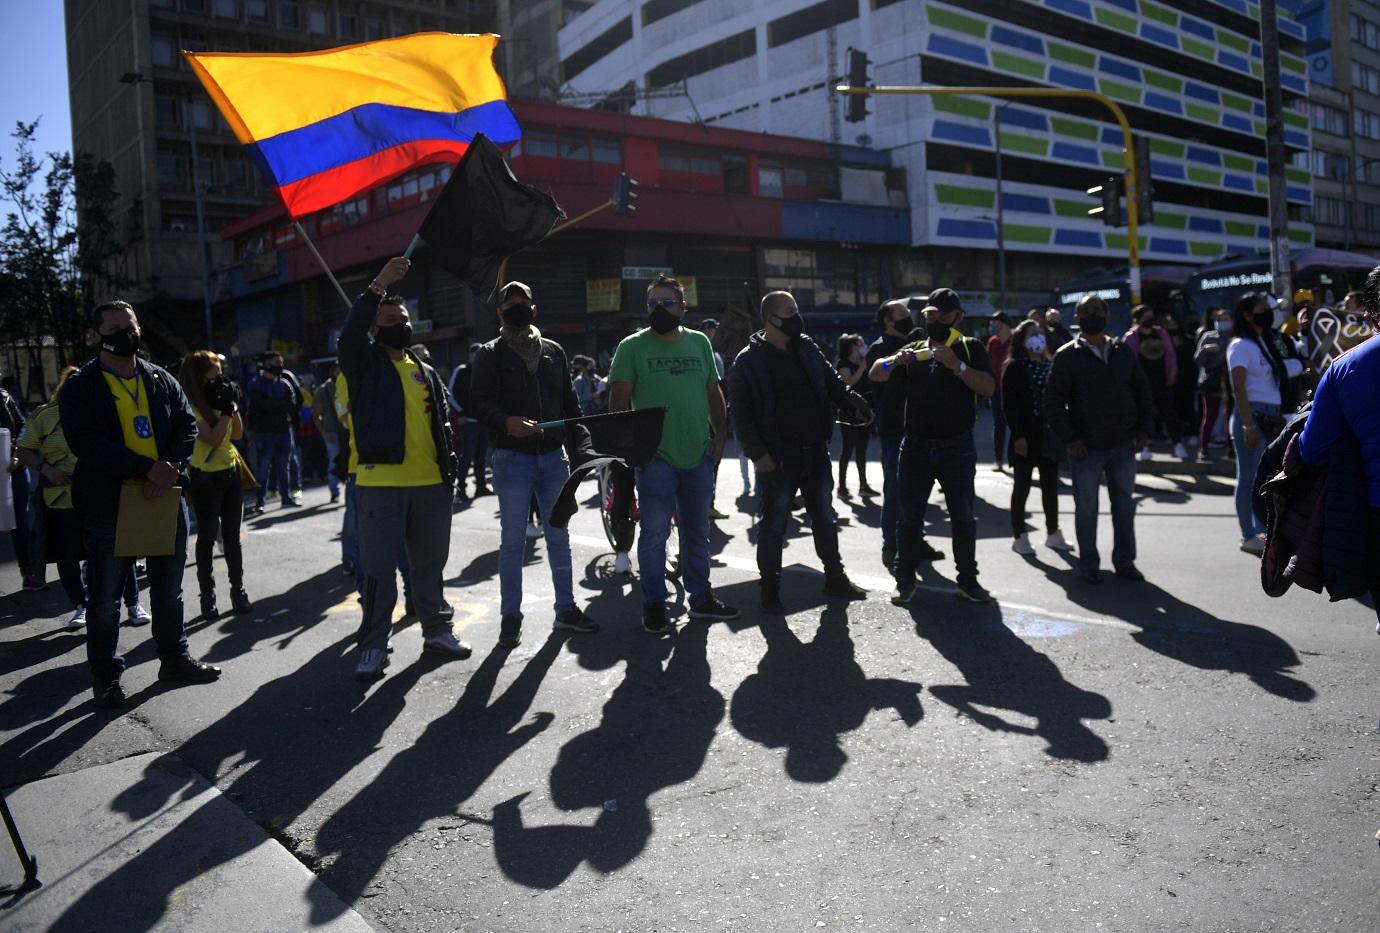 Los comerciantes empezaron con la movilización desde las 6 de la mañana, en la localidad de Santa Fe (centro-sur). / AFP